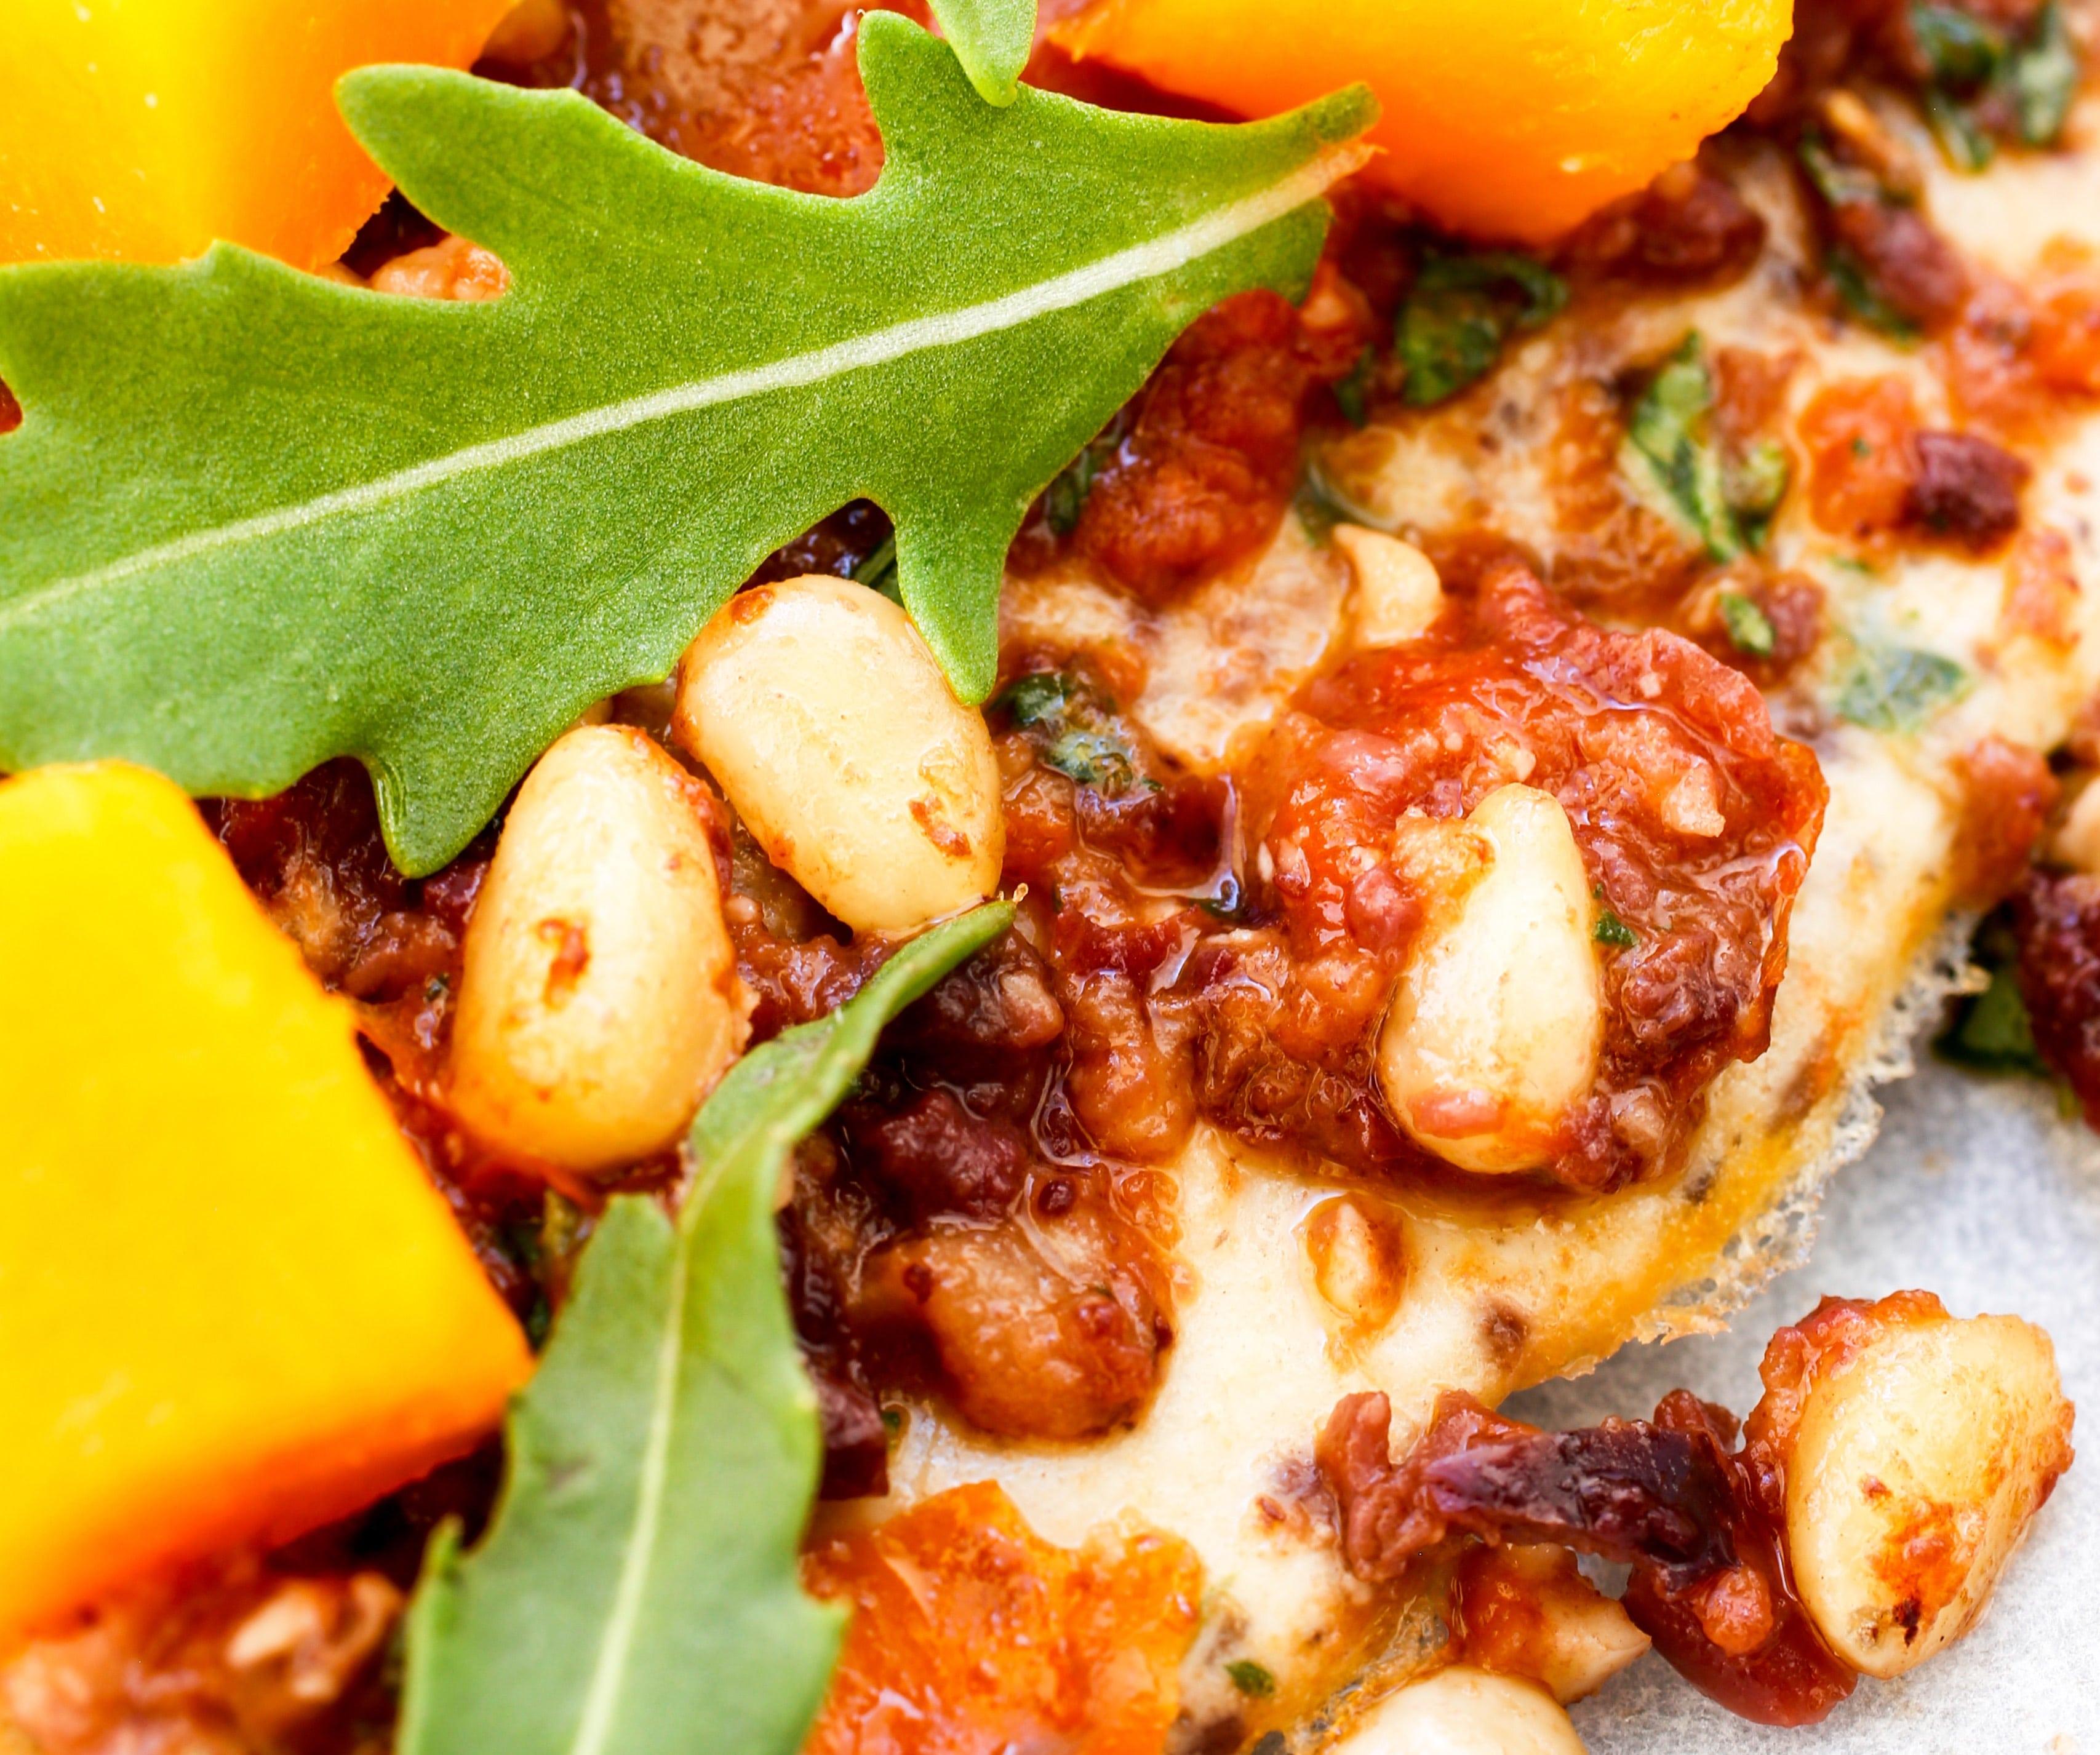 Frittata Thermomix recipe